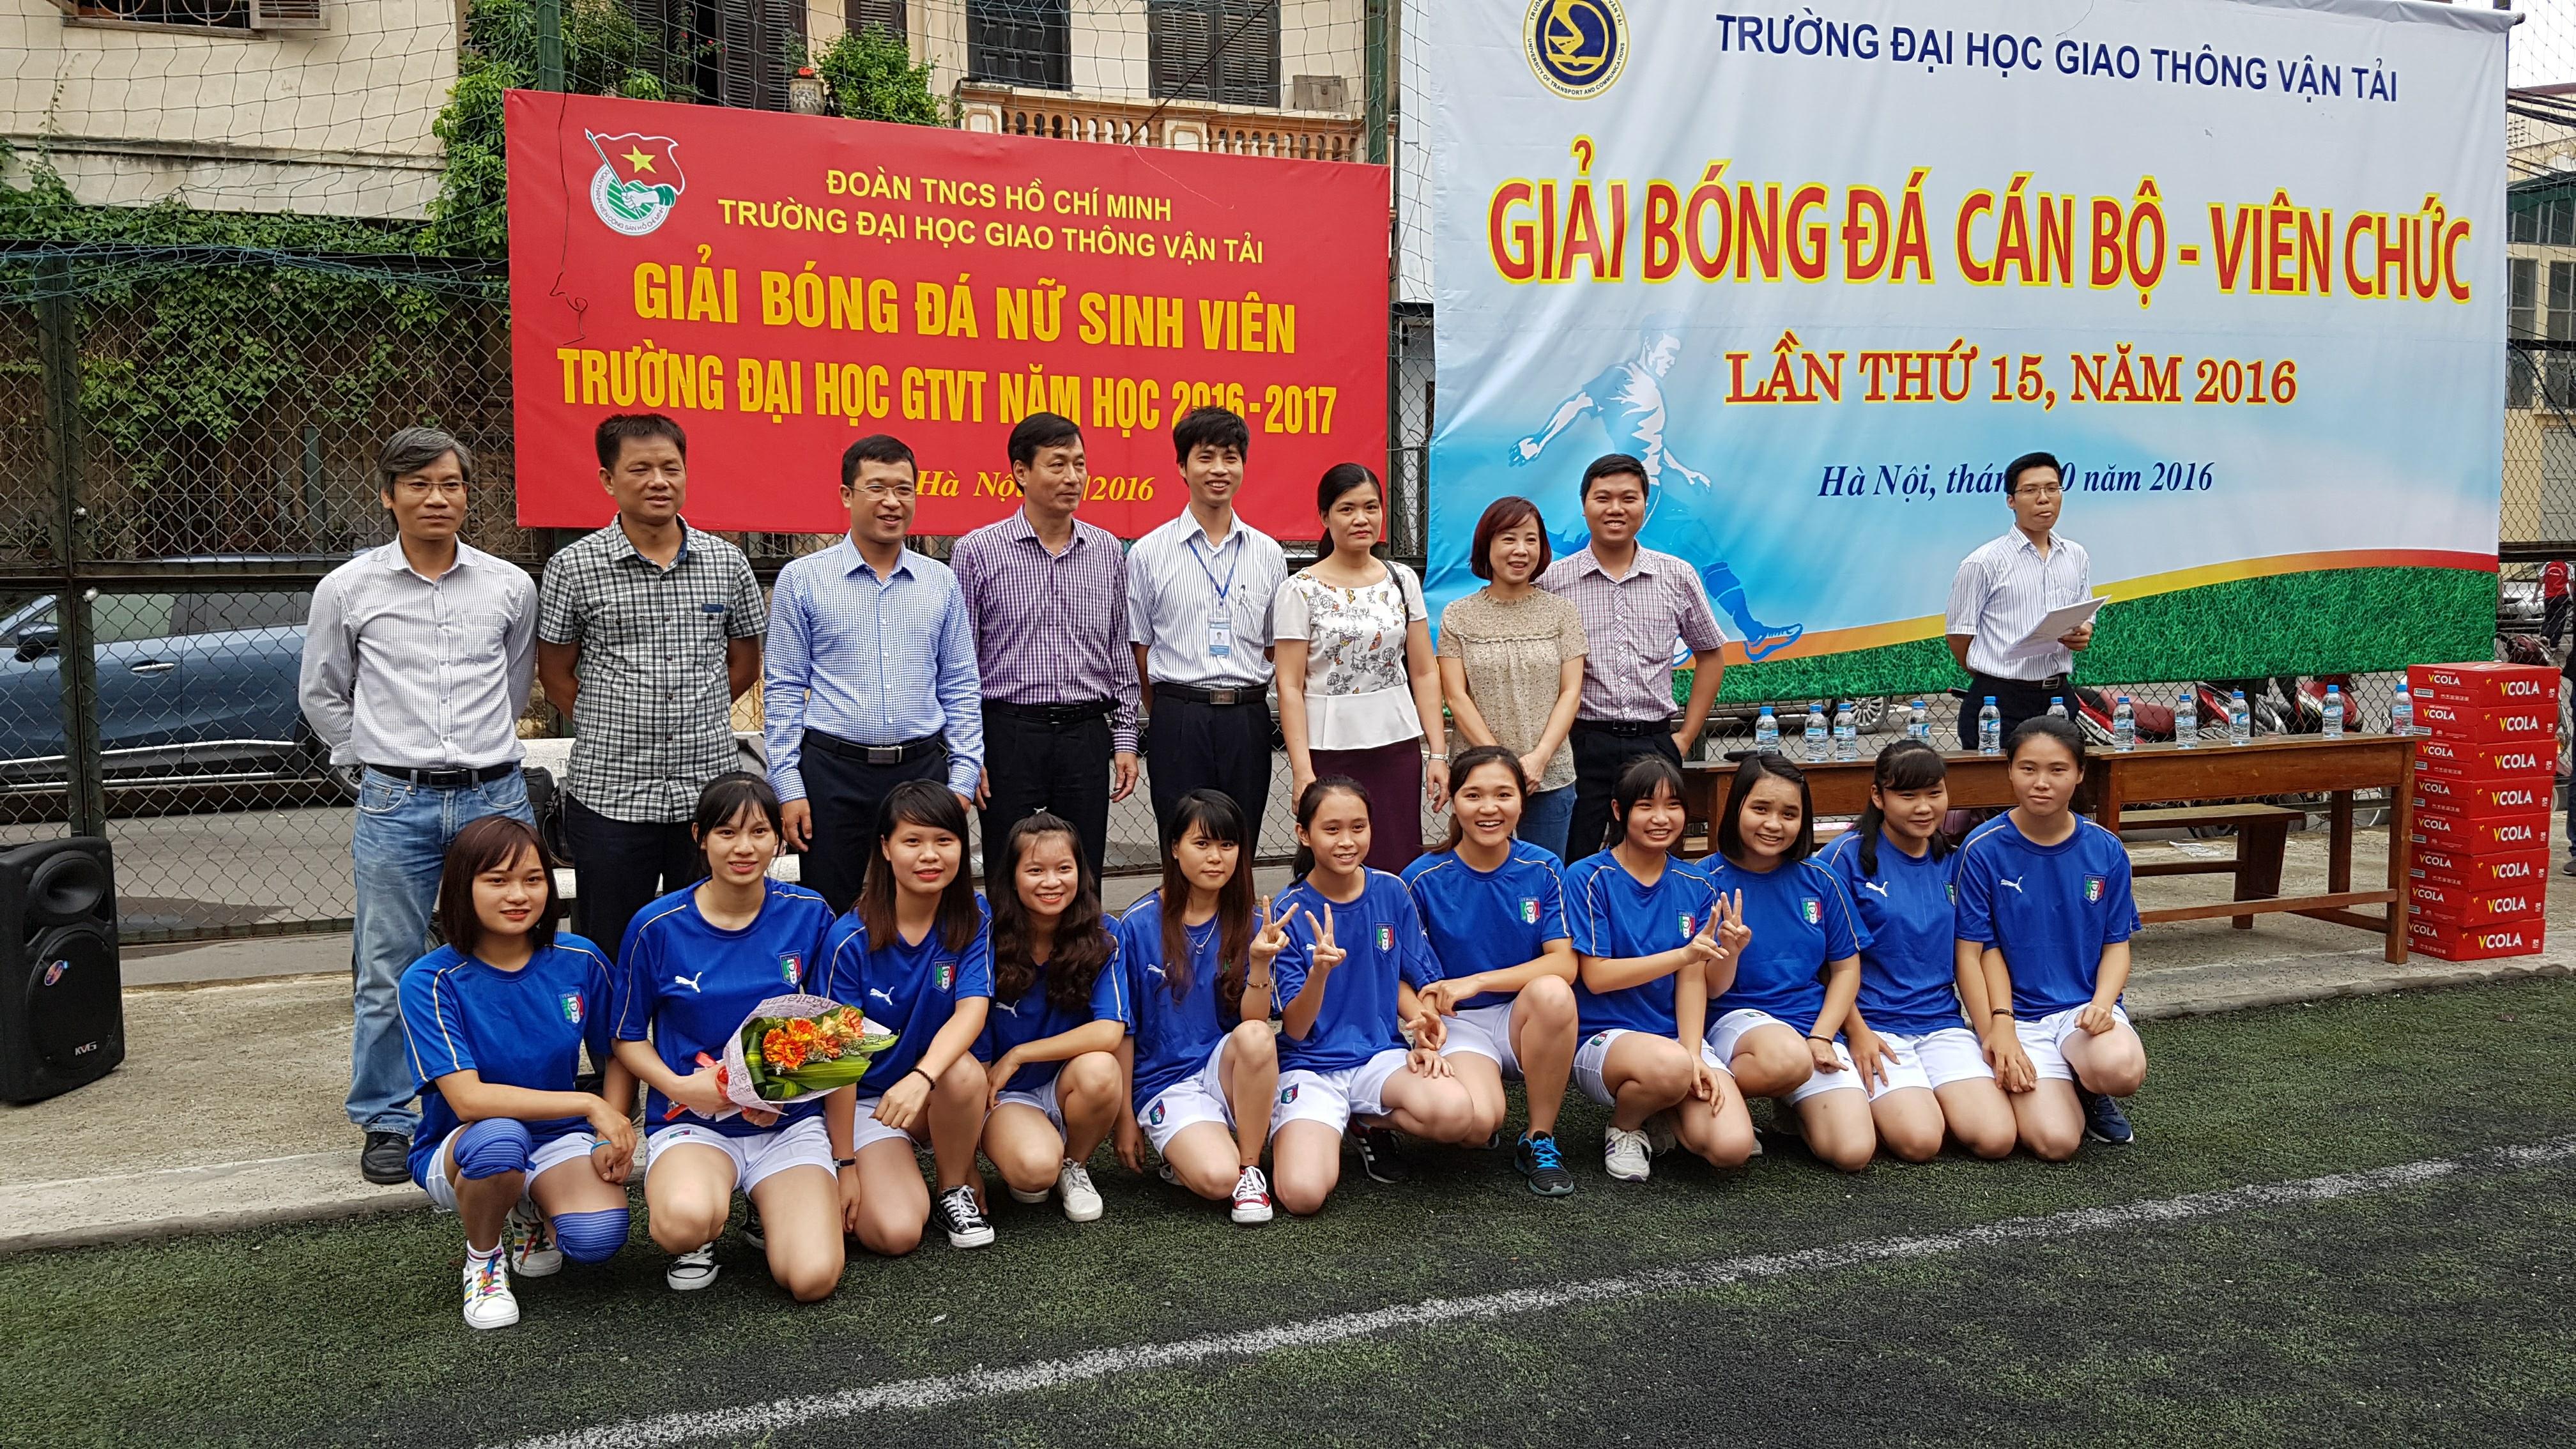 giải bóng đá nữ sinh viên Trường ĐHGTVT năm 2016_1